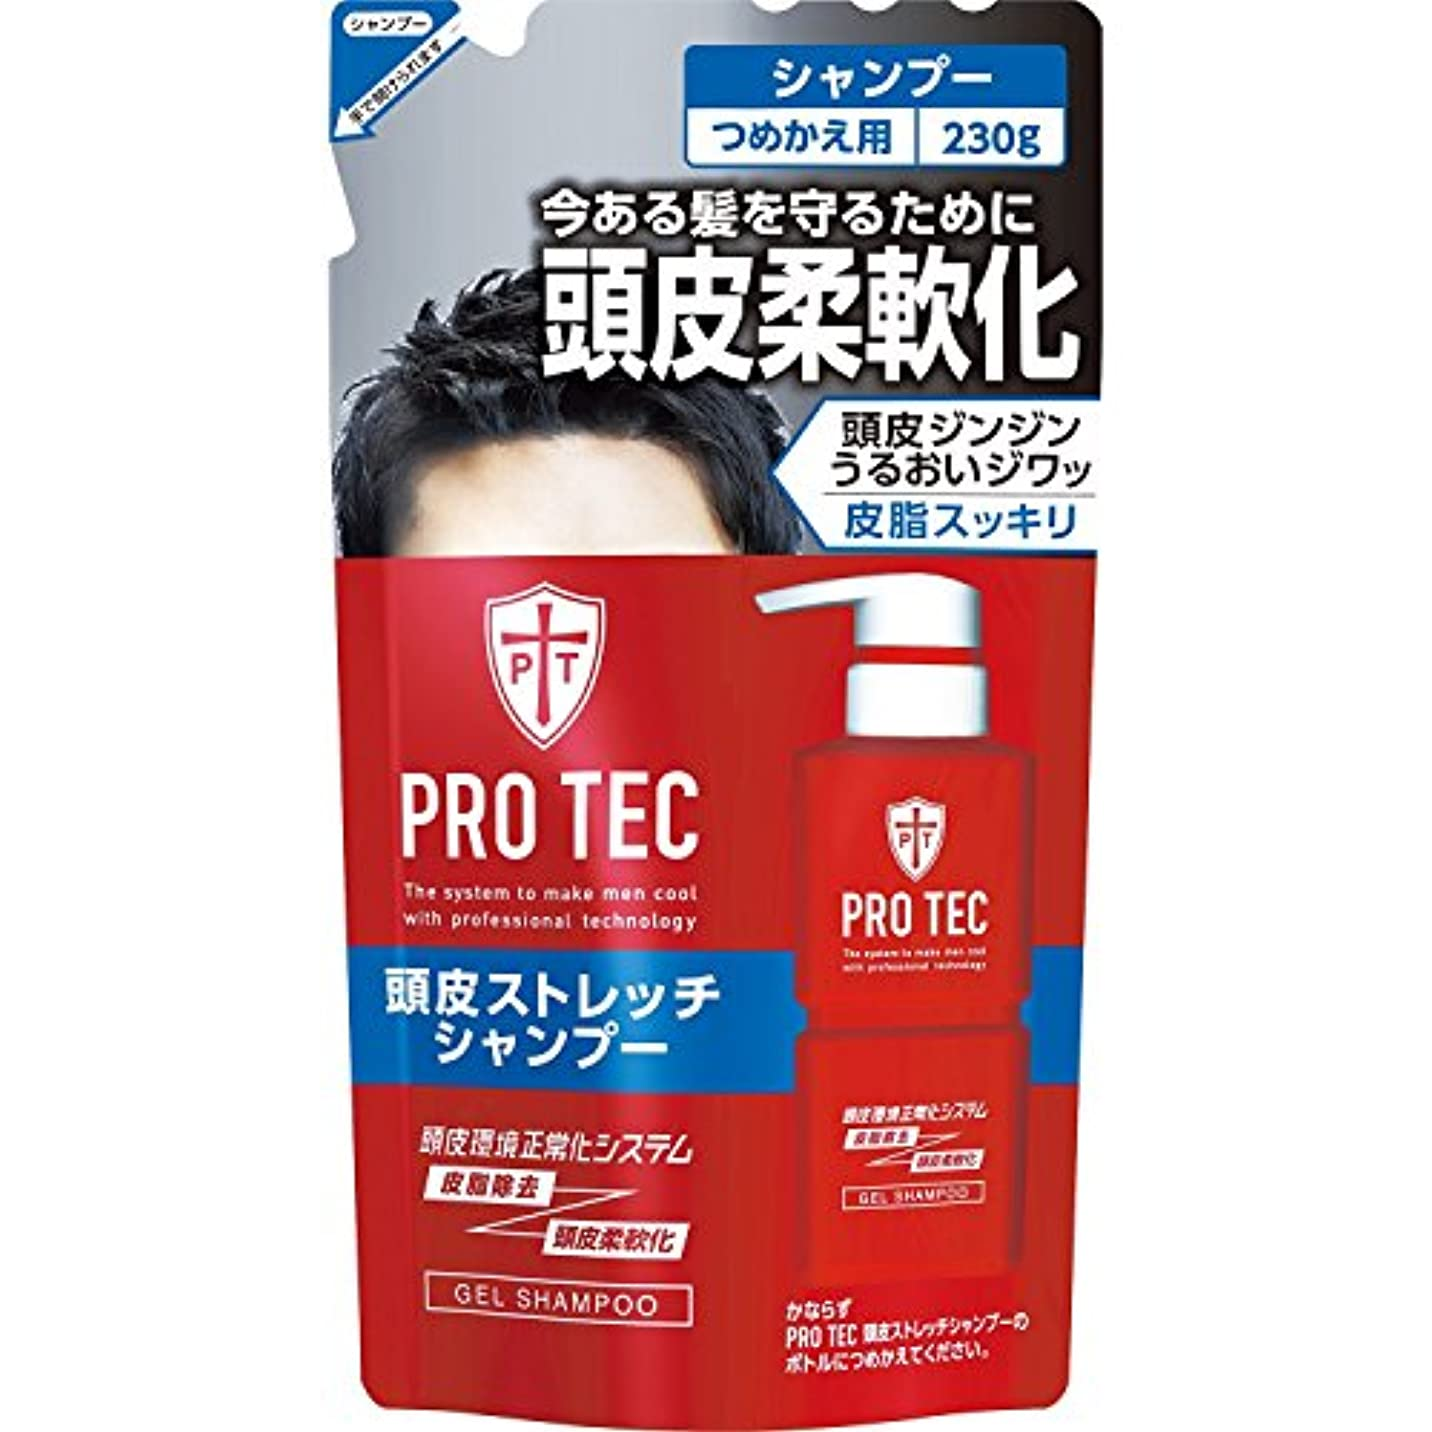 に変わる将来の懺悔PRO TEC(プロテク) 頭皮ストレッチ シャンプー 詰め替え 230g(医薬部外品)